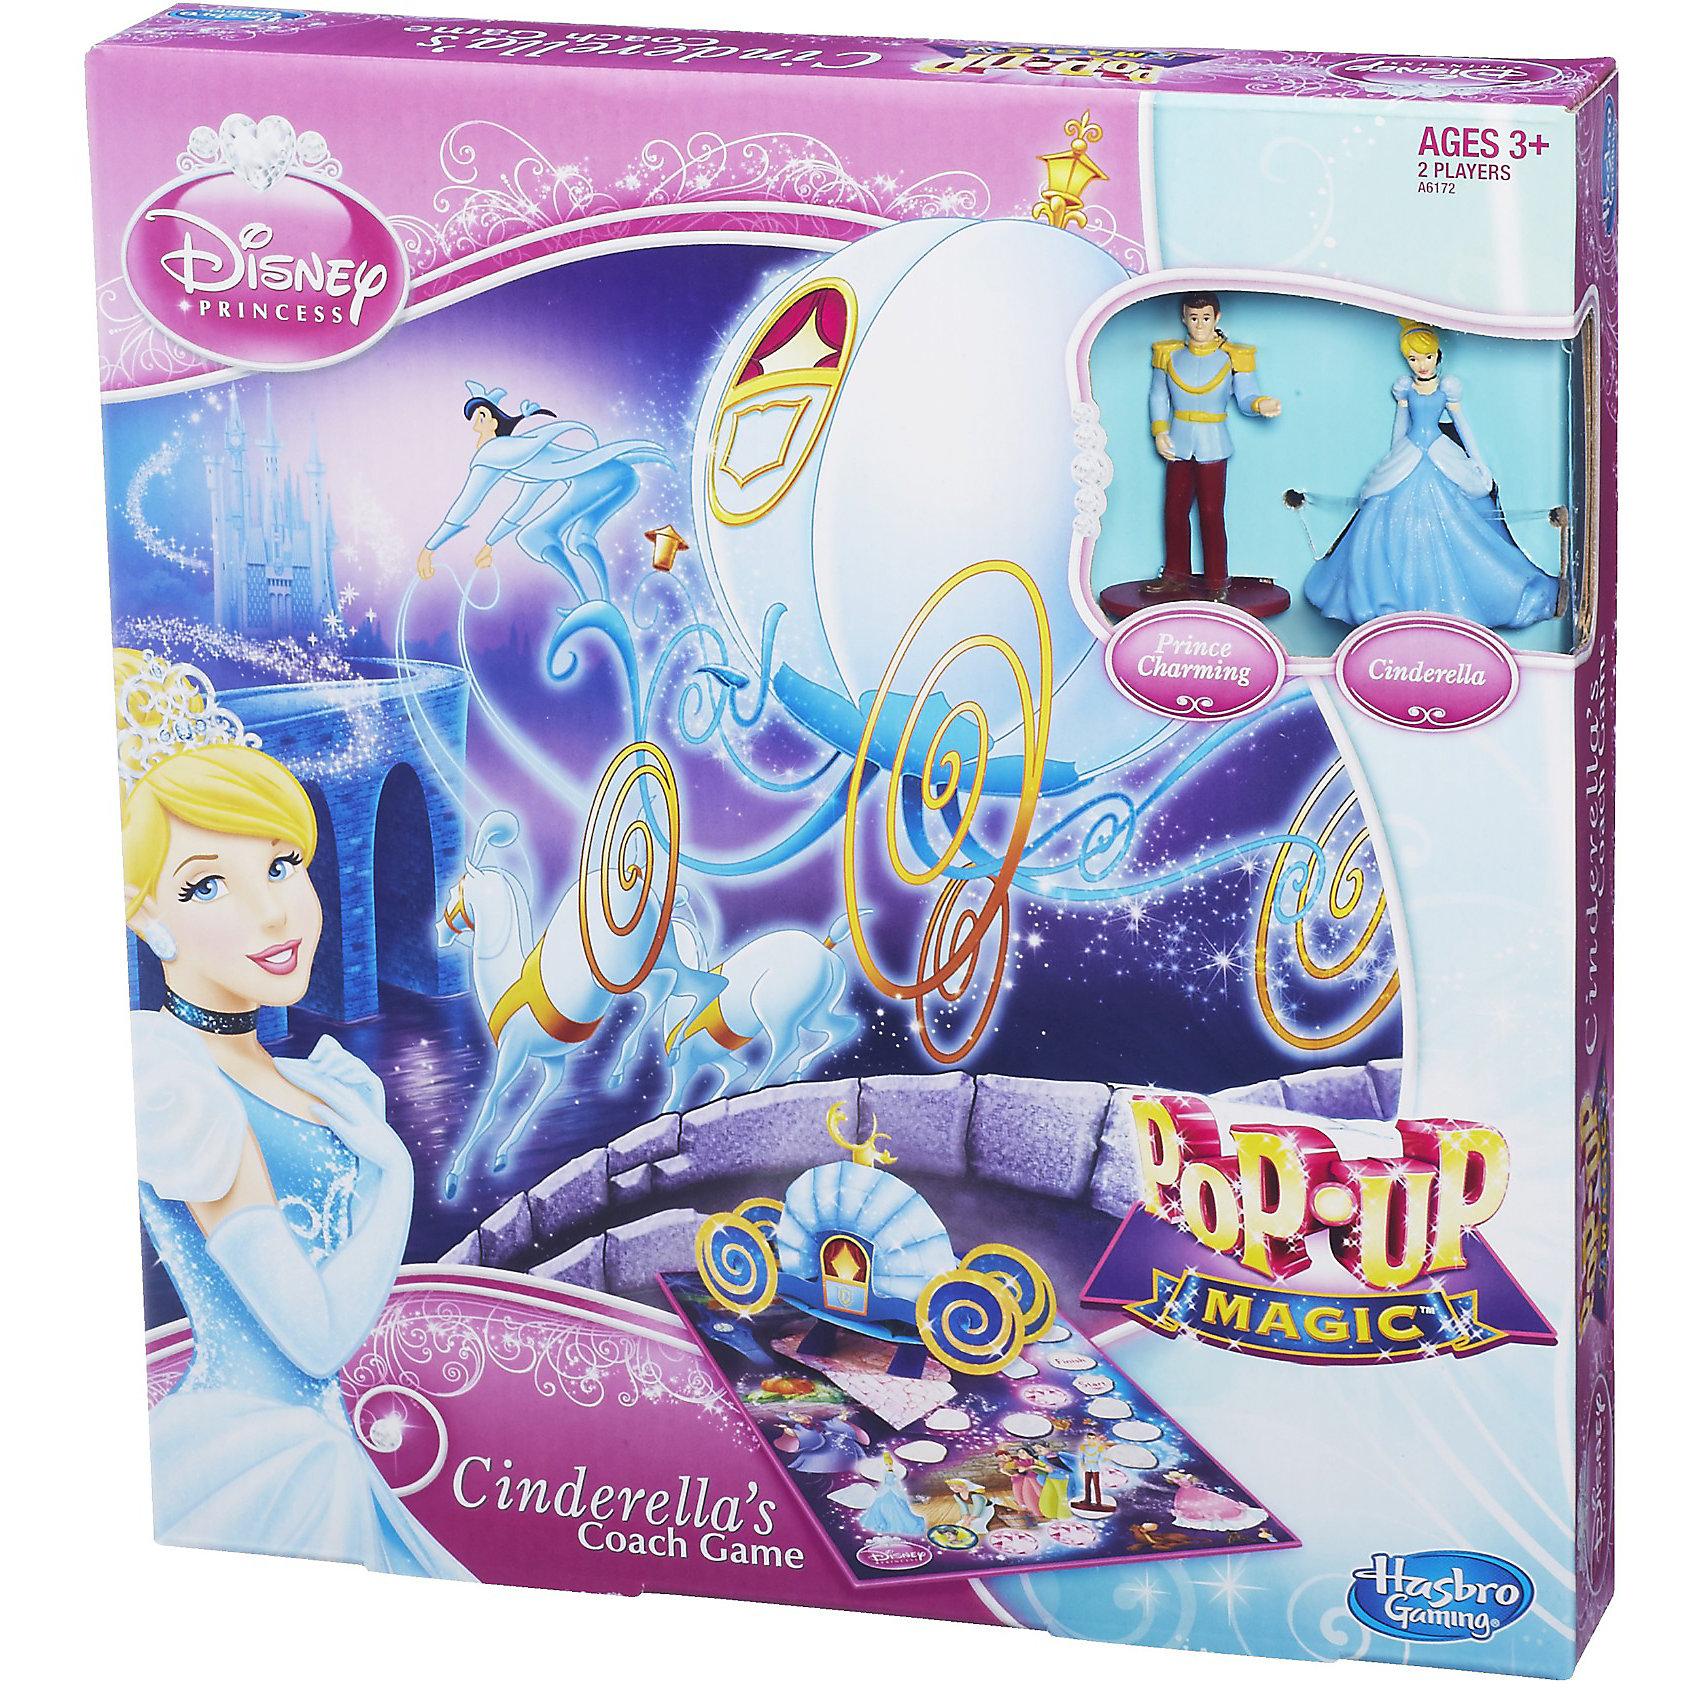 Игра Золушка: Волшебное путешествие, Принцессы Дисней, HasbroИгра Золушка: Волшебное путешествие, Disney Princess (Дисней Принцесса) позволит окунуться в атмосферу бала, на котором побывала Золушка. <br><br>Поставьте фигурки персонажей на позицию «Старт» на игровом поле.  У каждого персонажа есть по 3 значка с изображением его друзей. Значки необходимо перемешать и перевернуть лицевой стороной вниз, разложив перед игровым полем. Далее необходимо раскрутить рулетку и идти вперед на выпавшее число клеток. В зависимости от клетки, на которую пришел игрок, возможны следующие варианты ходов:<br>-Если клетка, на которой остановился игрок, занята, необходимо идти вперед к следующей свободной клетке;<br>-Если игрок остановился на камне, то его ход завершен;<br>-Если игрок остановился на клетке с изображением злой мачехи, то ему придется вернуться назад на 3 клетки и право хода переходит к следующему игроку;<br>-Если игрок остановился на драгоценном камне, пусть перевернет значок «Друзья», в случае если персонаж оказался другом, игрок имеет право пройти на 6 клеток вперед;<br>-Если под значком оказался не его друг игрока, то право хода переходит к следующему игроку.<br><br>Побеждает тот игрок, чья принцесса первой доберется до волшебного замка. Для того, чтобы волшебство продолжалось, вы можете объединить другие игровые поля серии (Замок для принцесс или Башня Рапунцель) в одно огромное королевство с потрясающими персонажами и увлекательными приключениями. <br><br>Комплектация: игровое поле, рулетка, 2 фигурки персонажей, 6 значков «Друзья», соединительный элемент для игровых полей.<br><br>Дополнительная информация:<br>-Размер упаковки: 26,7х24,5х4,1 см<br>-Материалы: картон, пластмасса<br>-Вес в упаковке: 375 г<br><br>Настольная игра Волшебное путешествие – это очень яркая, красочная и увлекательная, поэтому Ваша маленькая принцесса не останется равнодушной к такому подарку!<br><br>Игра Золушка: Волшебное путешествие, Disney Princess (Дисней Принцесса) можно купить в нашем 